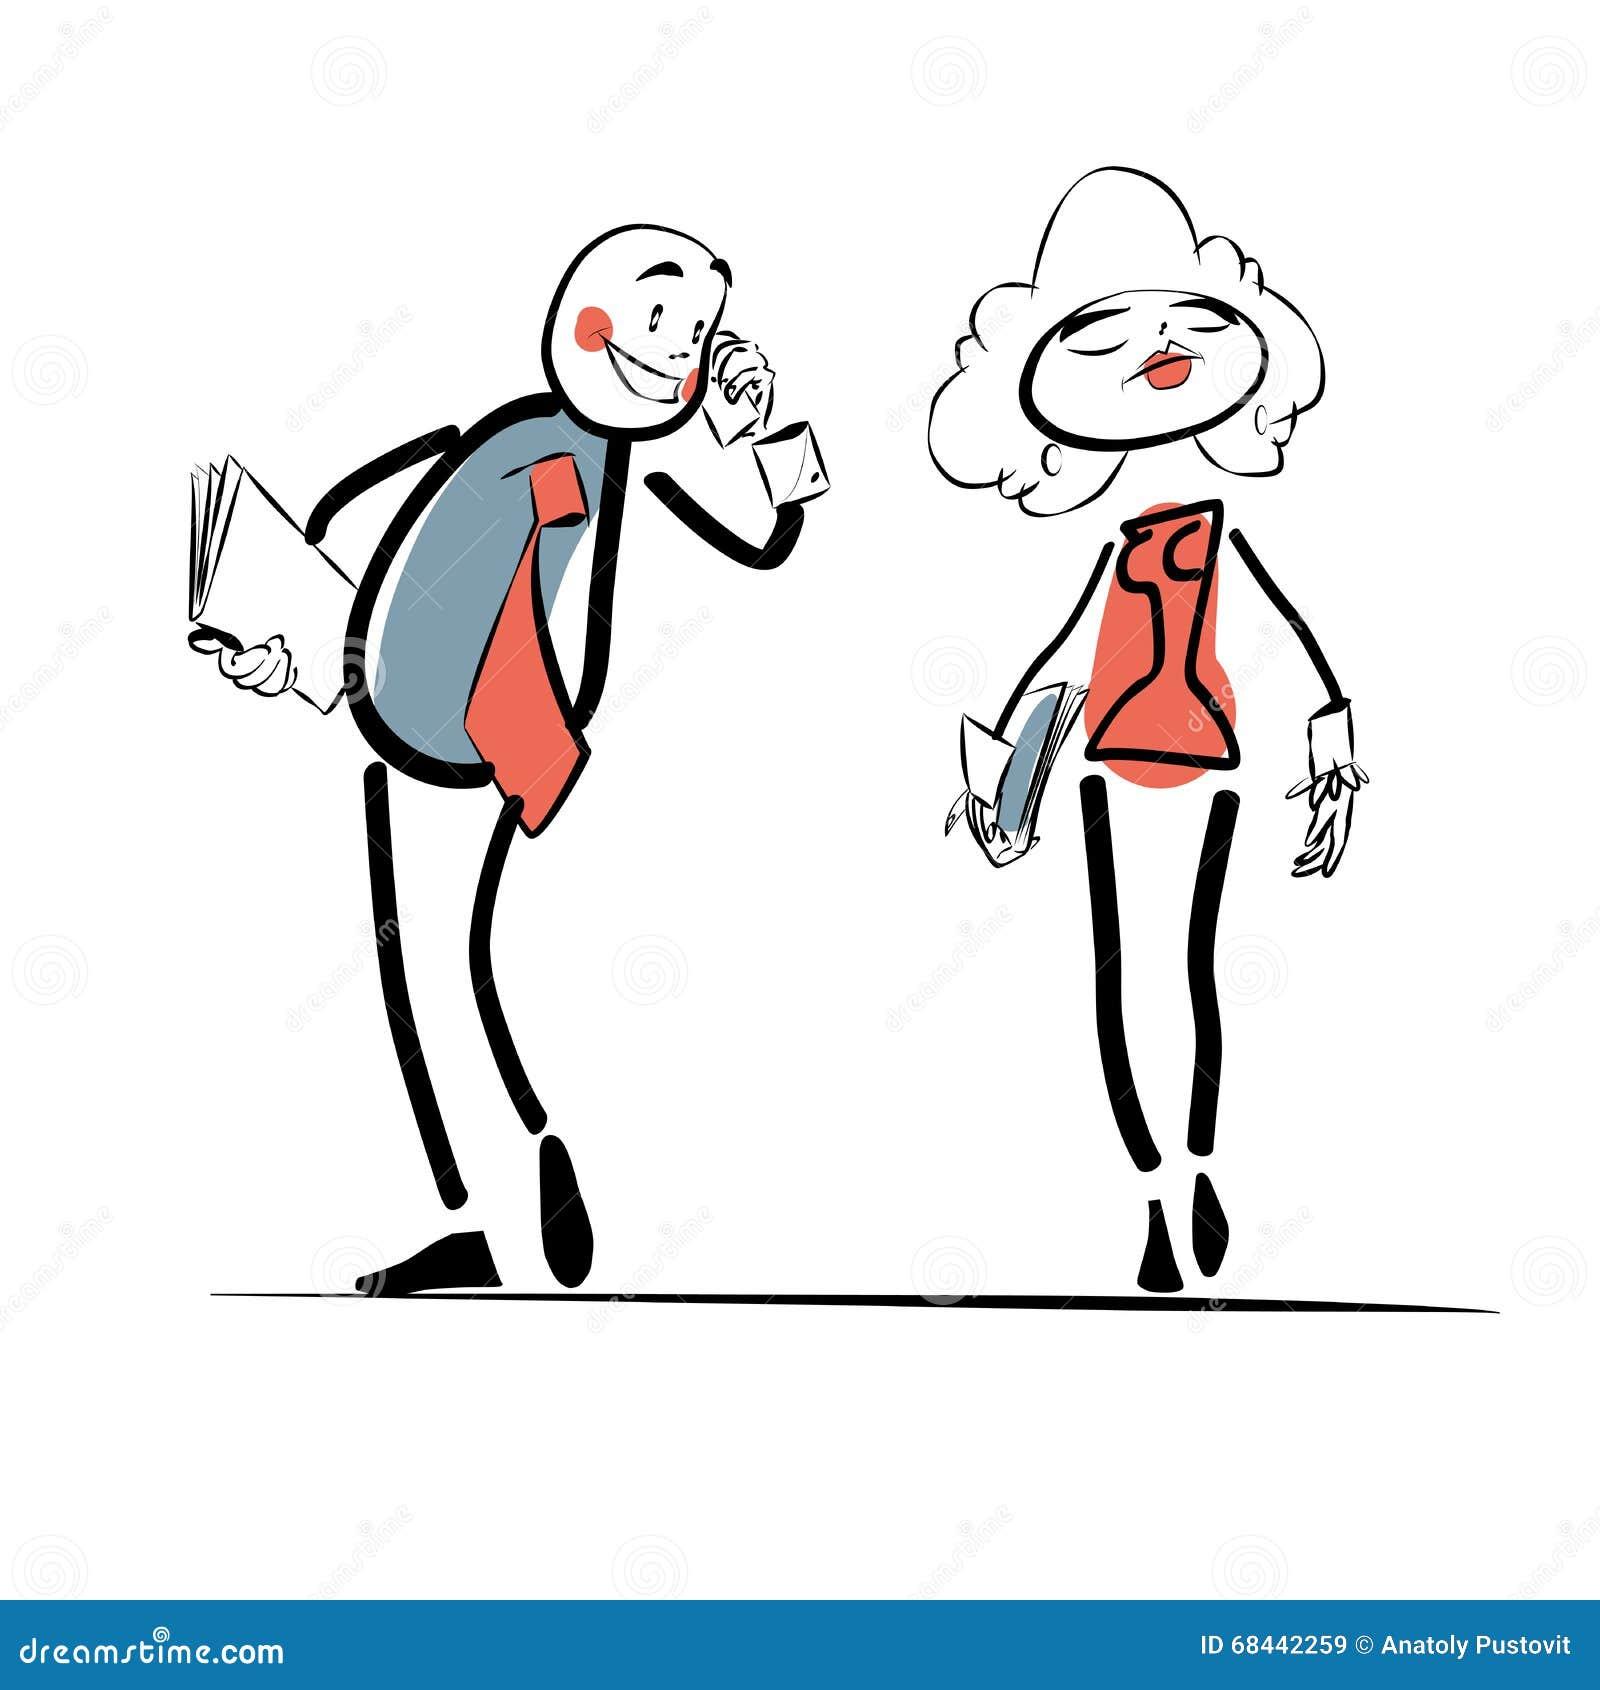 flirting moves that work for men images men cartoon